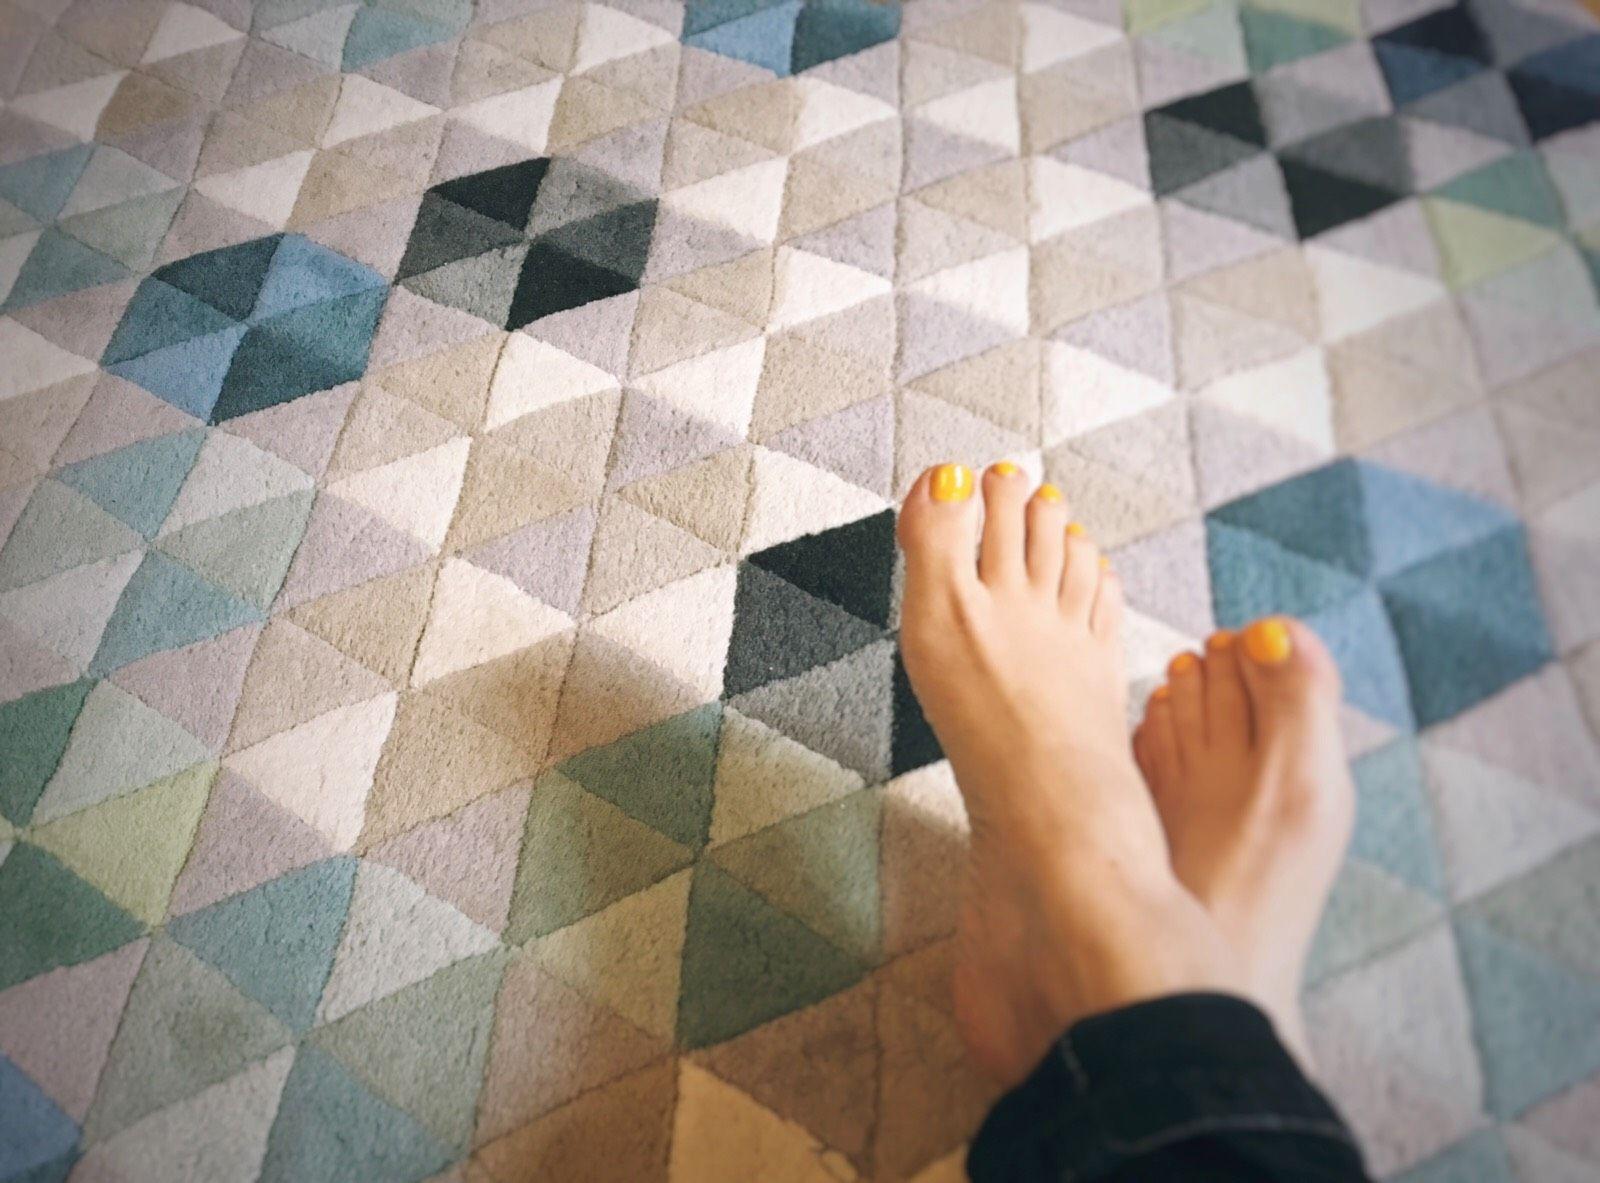 Cómo limpiar alfombras sintéticas